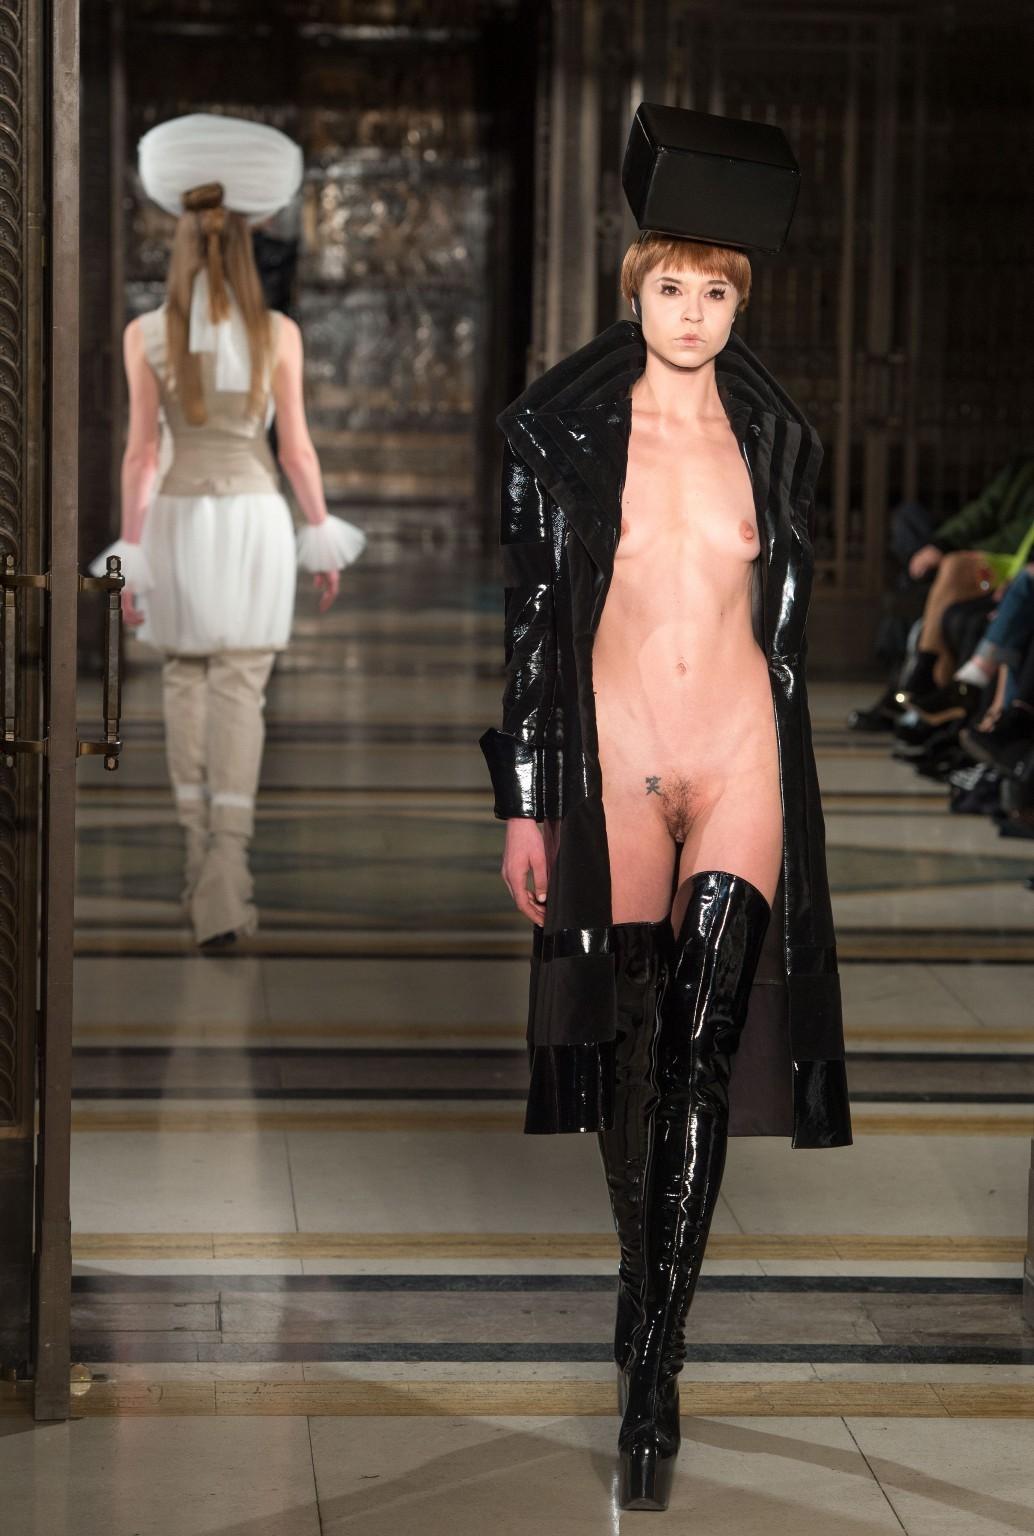 【理解不能】ファッション無しの「全裸ファッションショー」が開催されるwwwwwwwwwwwwww(エロGIF)・17枚目